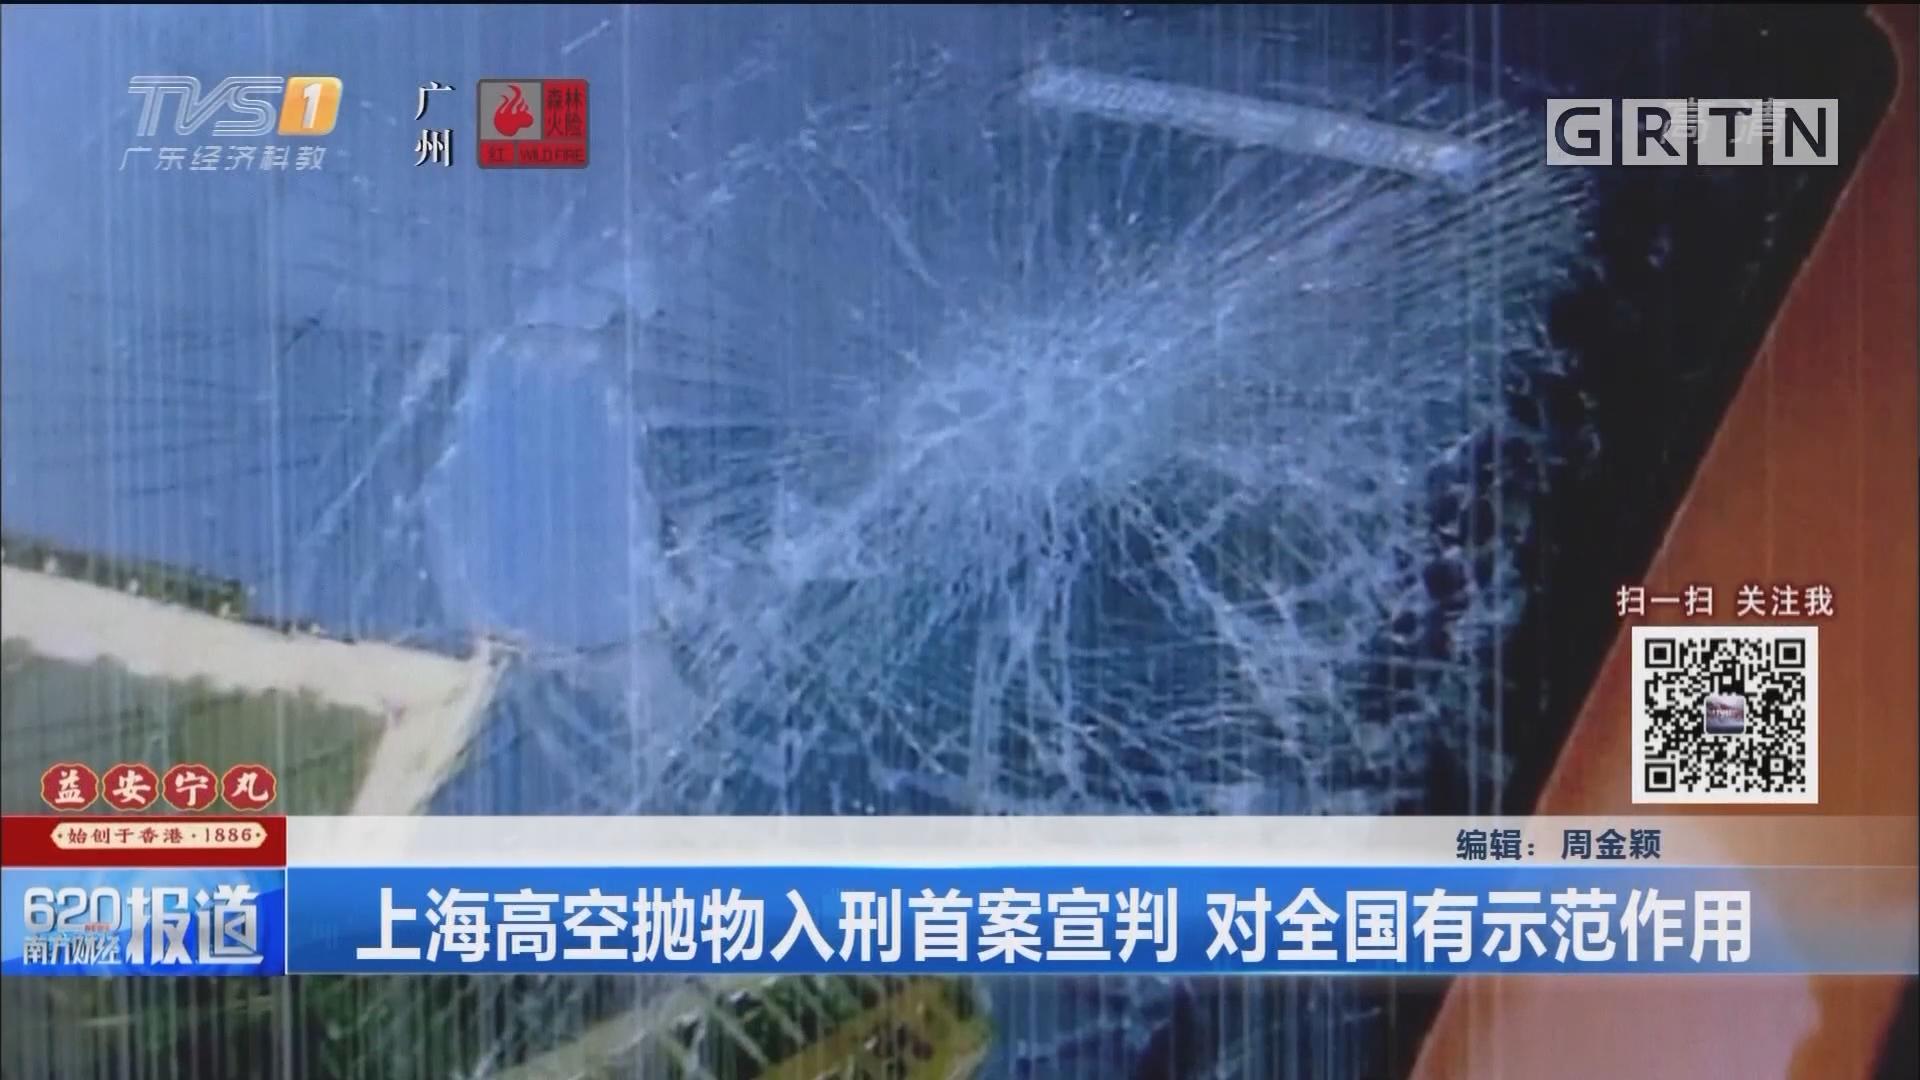 上海高空抛物入刑首案宣判 对全国有示范作用